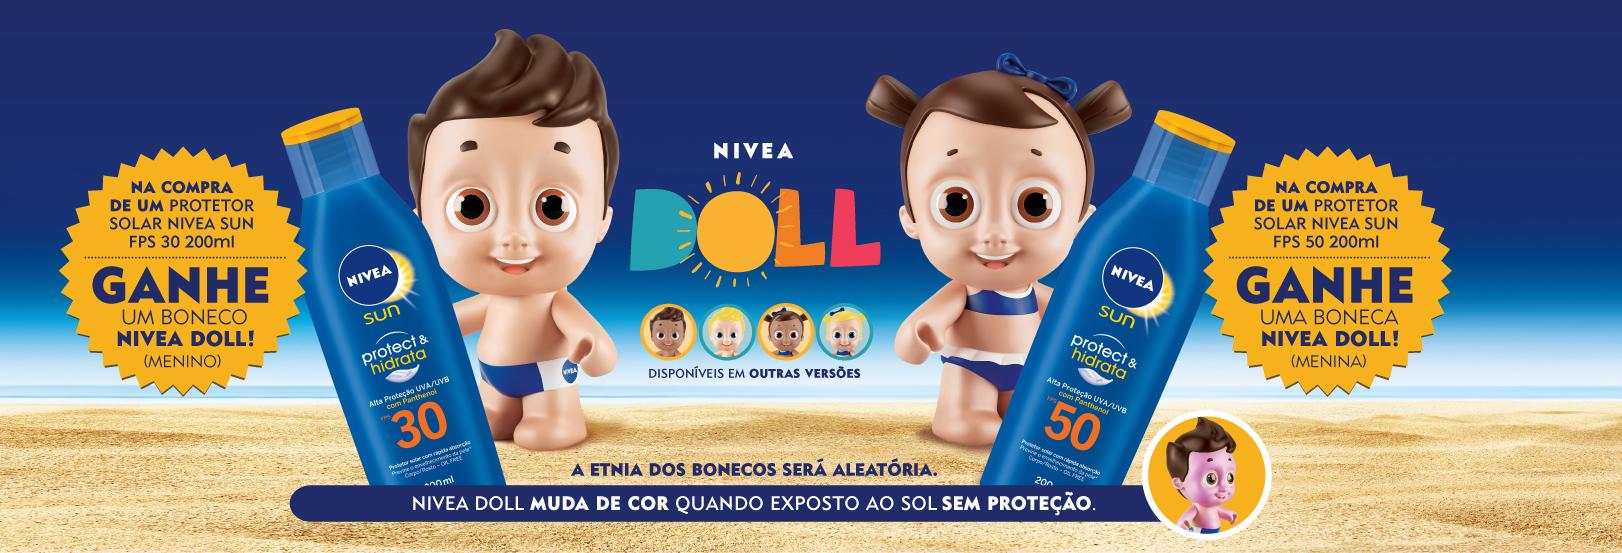 nivea doll